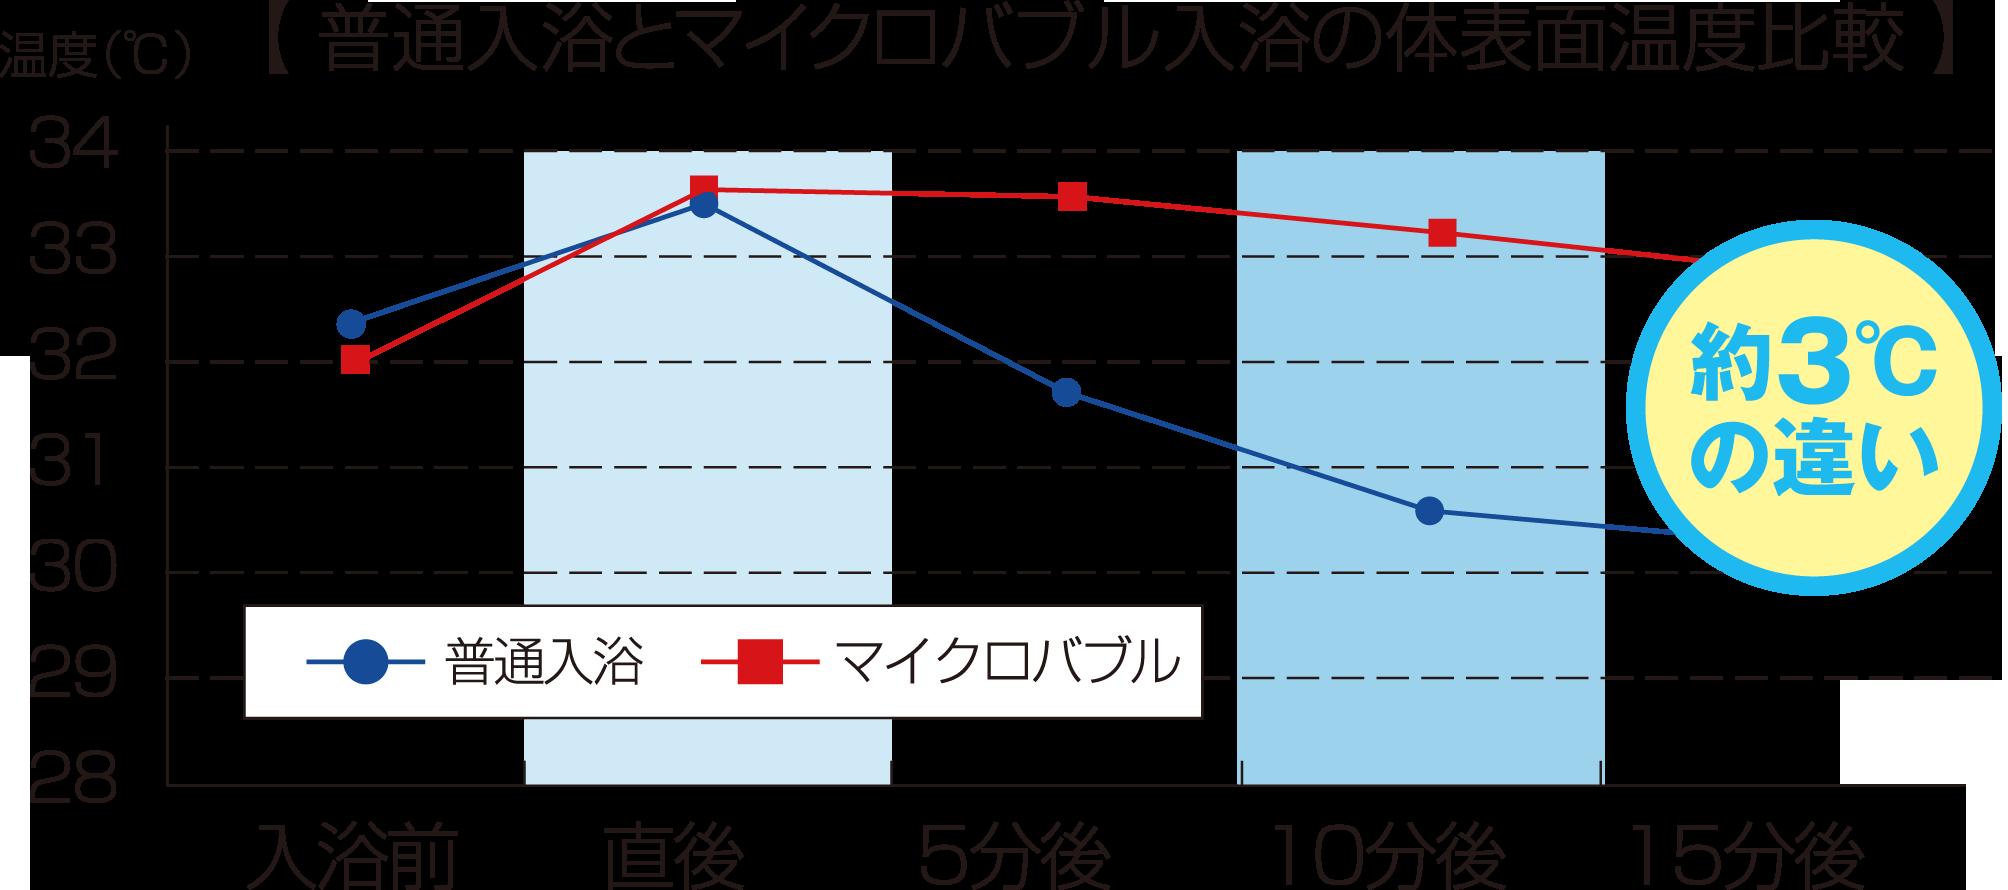 普通入浴とマイクロバブル入浴の体表面温度比較